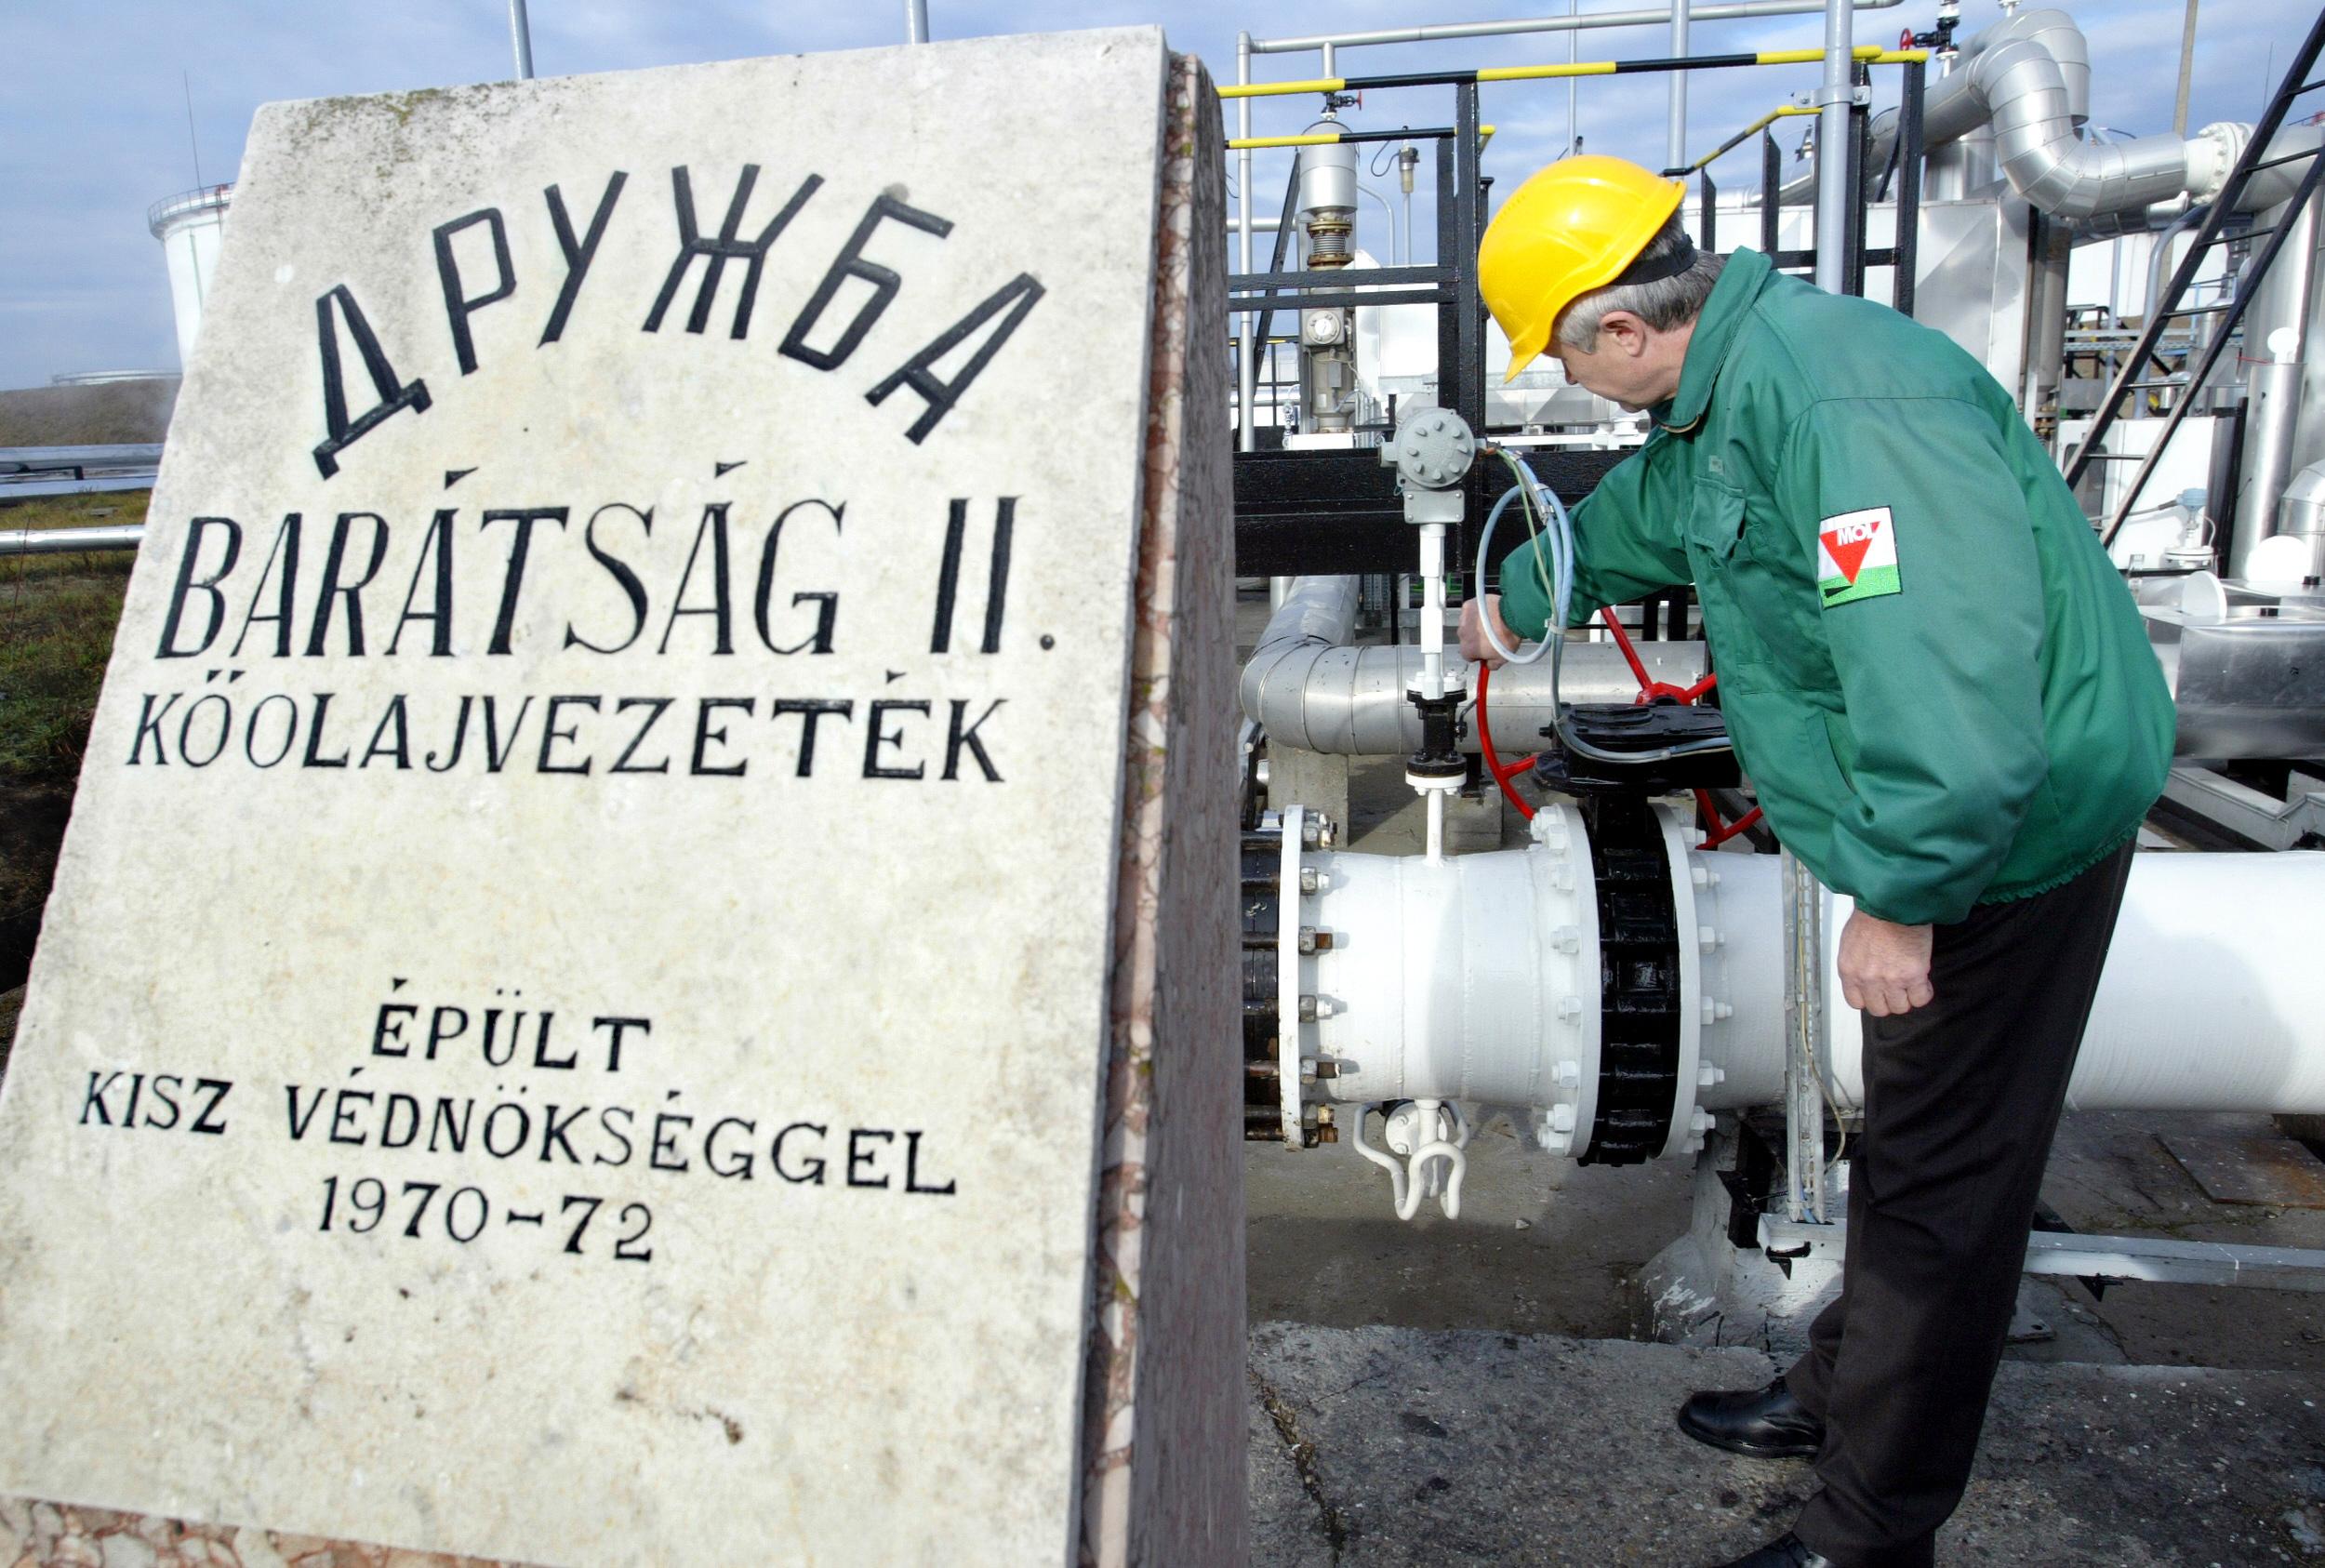 Az egyik orosz cég leállította az olajszállítást Magyarország felé